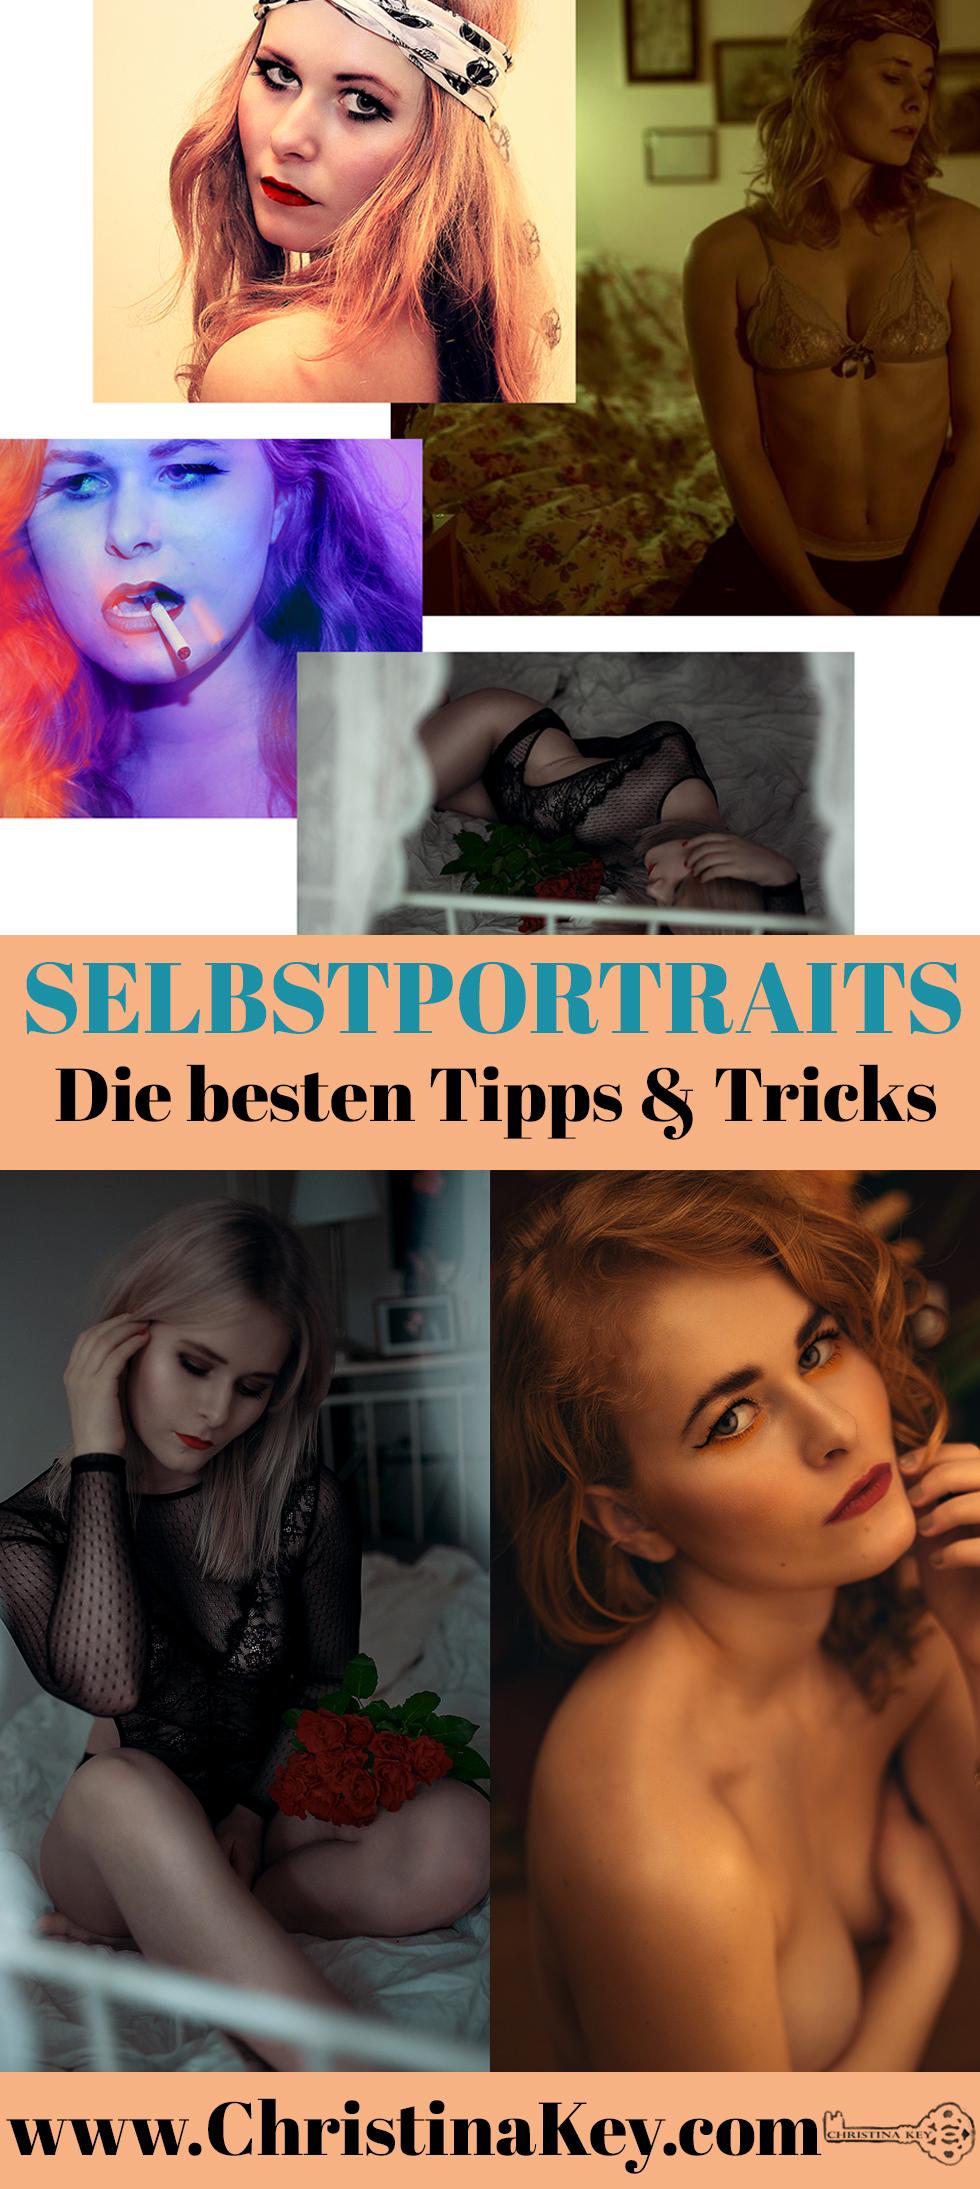 SELBSTPORTRAITS – TIPPS UND TRICKS FÜR GELUNGENE AUFNAHMEN